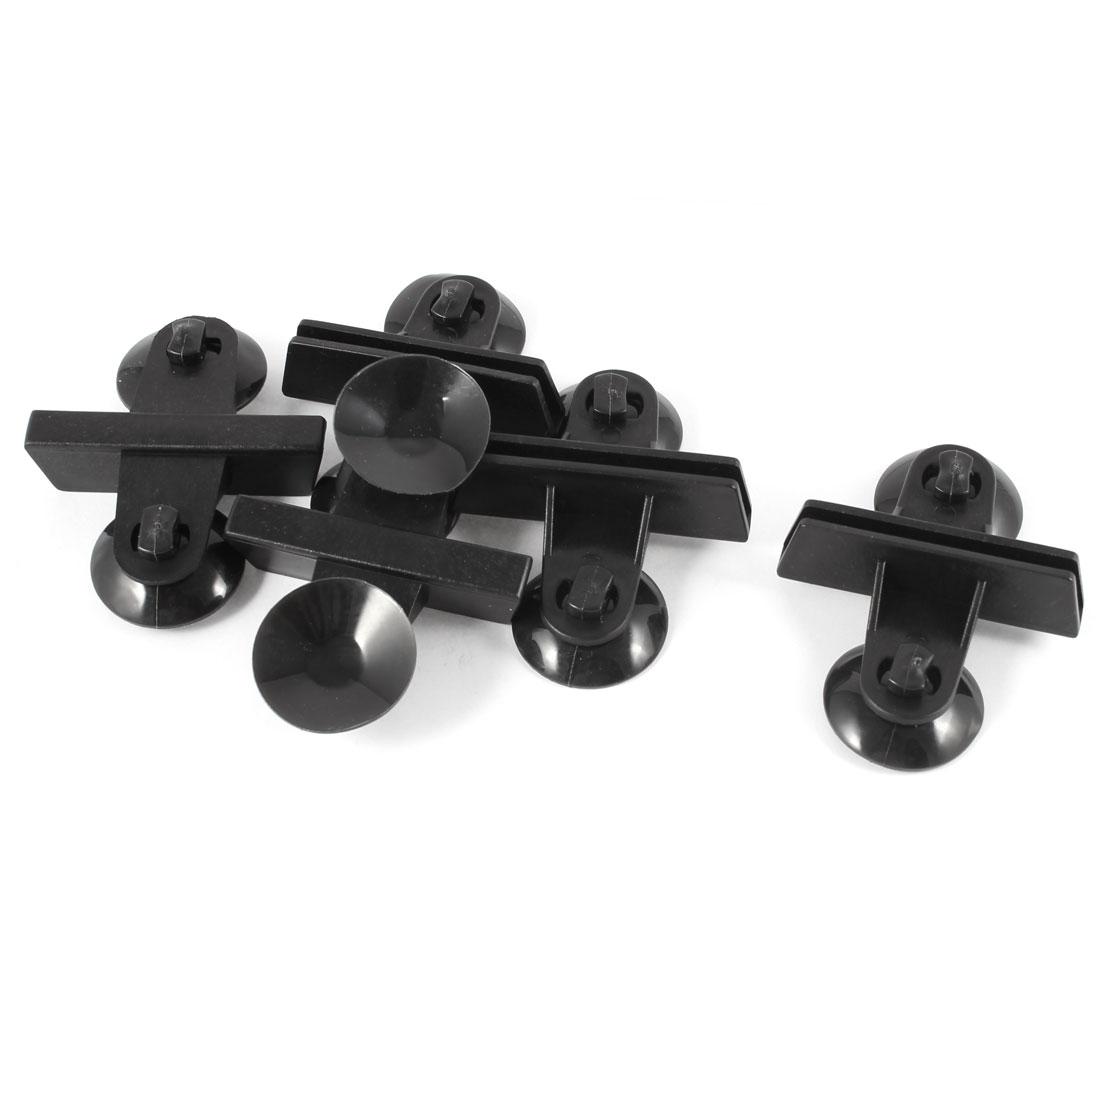 3cm Diameter Base Black Plastic Rubber Glass Moving Suction Cup Plate 5 Pcs